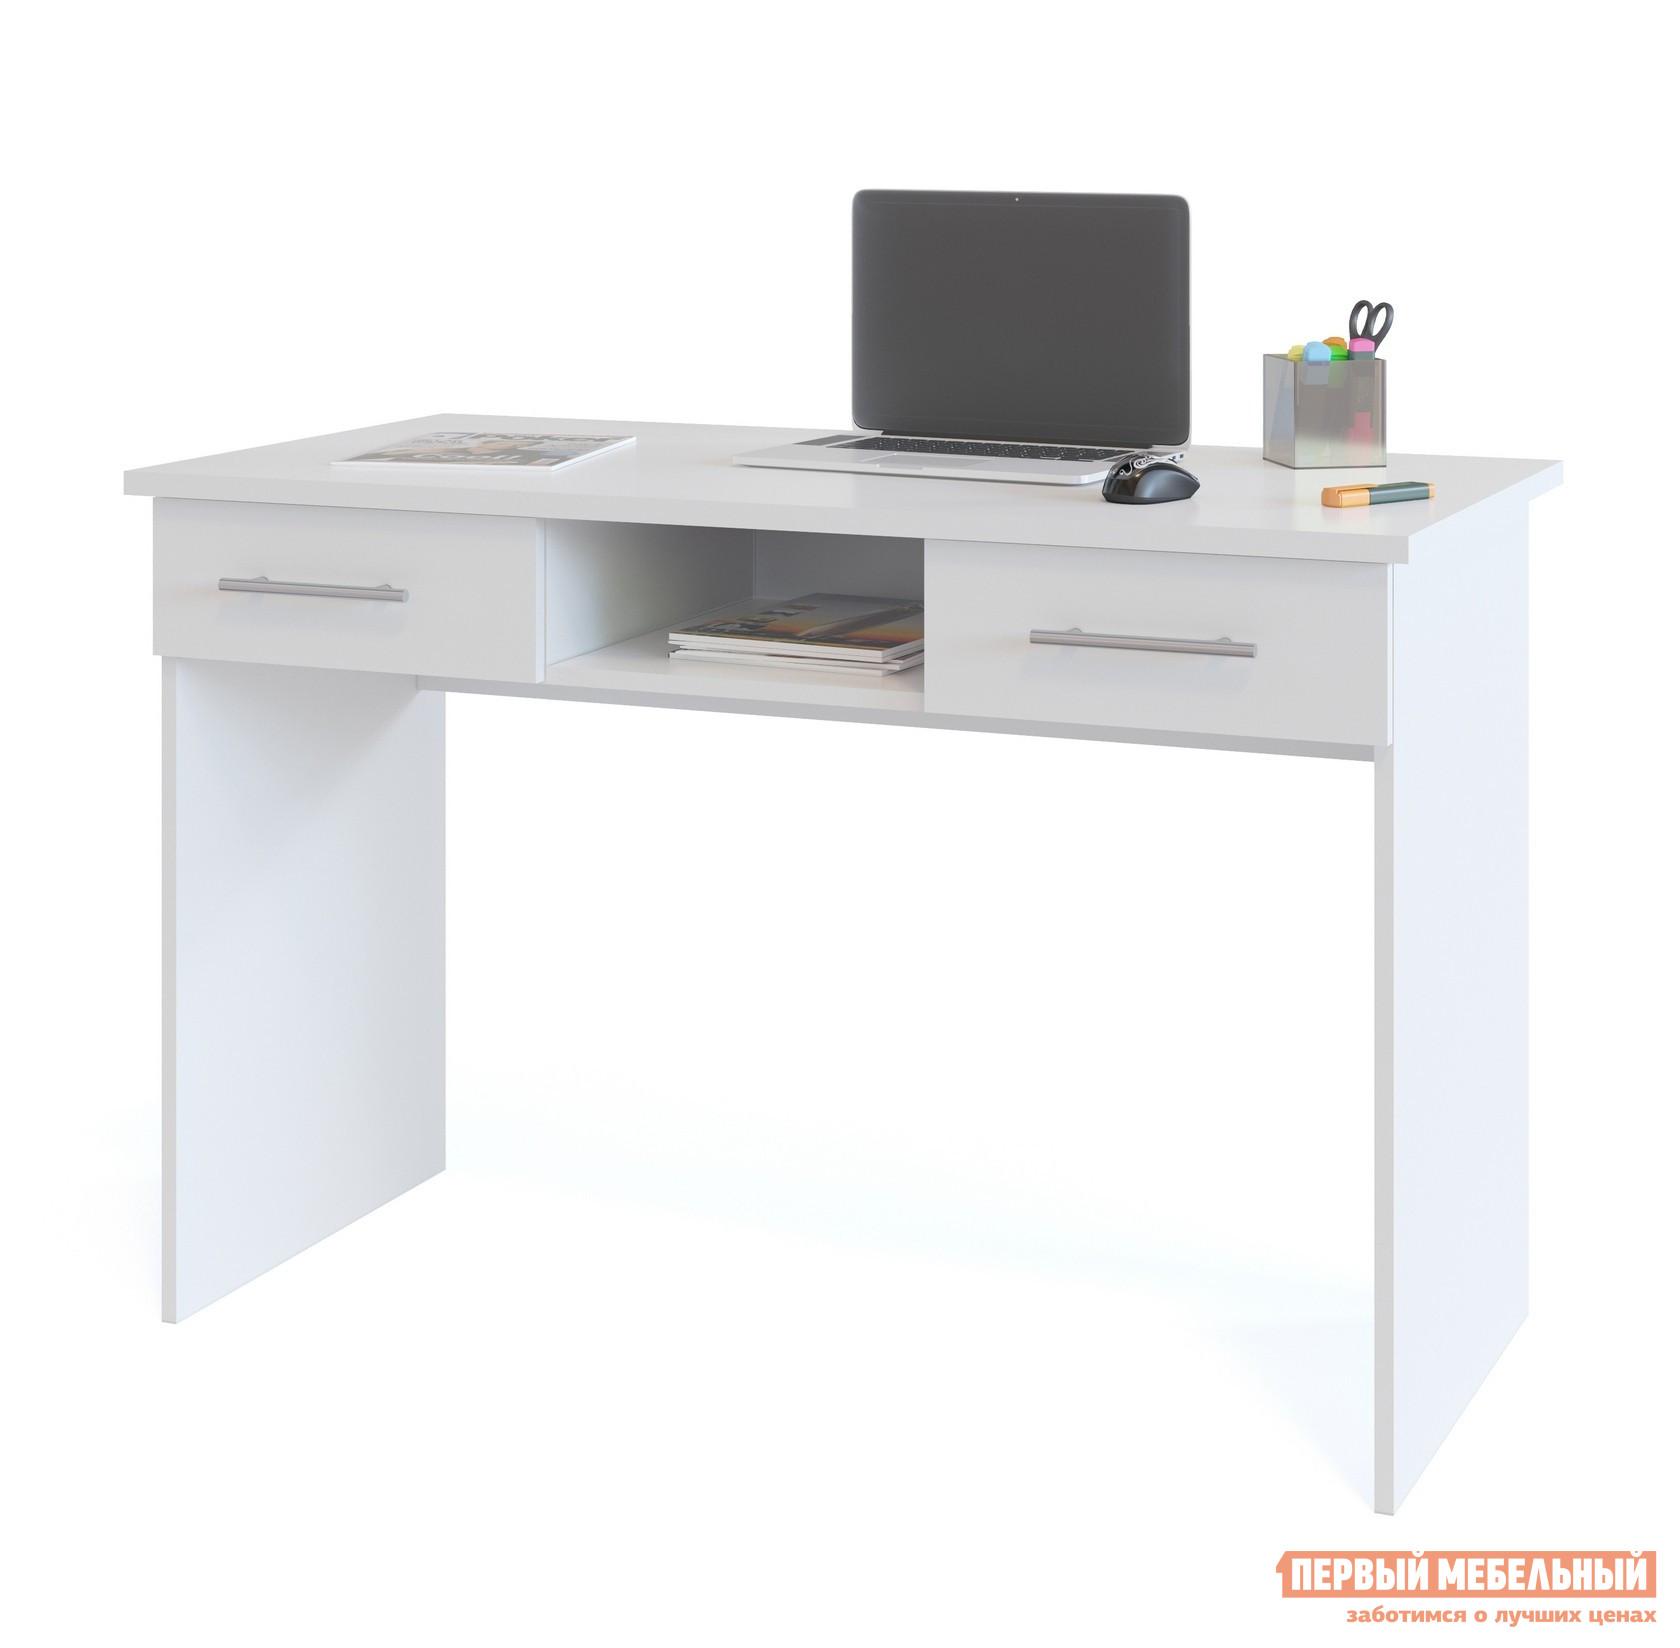 Письменный стол Сокол КСТ-107.1 БелыйПисьменные столы<br>Габаритные размеры ВхШхГ 790x1200x600 мм. Удобный письменный стол может использоваться как для работы, так и для учебы.  На нем можно разместить как компьютер, так и ноутбук.  Стол оснащен двумя выдвижными ящиками и нишей.  Это поможет вам максимально комфортно организовать рабочее место.  На столешнице предусмотрено два отверстия для вывода проводов.  При желании их можно закрыть заглушками, которые входят в комплект. Внутренний размер ящиков составляет 390 х 322 мм, что позволит разместить в них документы формата А4 и канцелярские принадлежности. Глубина ниши — 486 мм.  Столешница изготовлена из высококачественного ДСП отечественного производства толщиной 22 мм, края обработаны кромкой ПВХ 2 мм, остальные детали — ЛДСП 16 мм, кромка 0,4 мм.  Изделие хорошо упаковано вгофротару вместе с необходимой фурнитурой для сборки и подробной инструкцией. Рекомендуем сохранить инструкцию по сборке (паспорт изделия) до истечения гарантийного срока.<br><br>Цвет: Белый<br>Цвет: Белый<br>Высота мм: 790<br>Ширина мм: 1200<br>Глубина мм: 600<br>Кол-во упаковок: 1<br>Форма поставки: В разобранном виде<br>Срок гарантии: 2 года<br>Тип: Прямые<br>Материал: Деревянные, из ЛДСП<br>Размер: Маленькие, Шириной 120 см<br>Особенности: С ящиками, Без надстройки<br>Стиль: Современный, Модерн